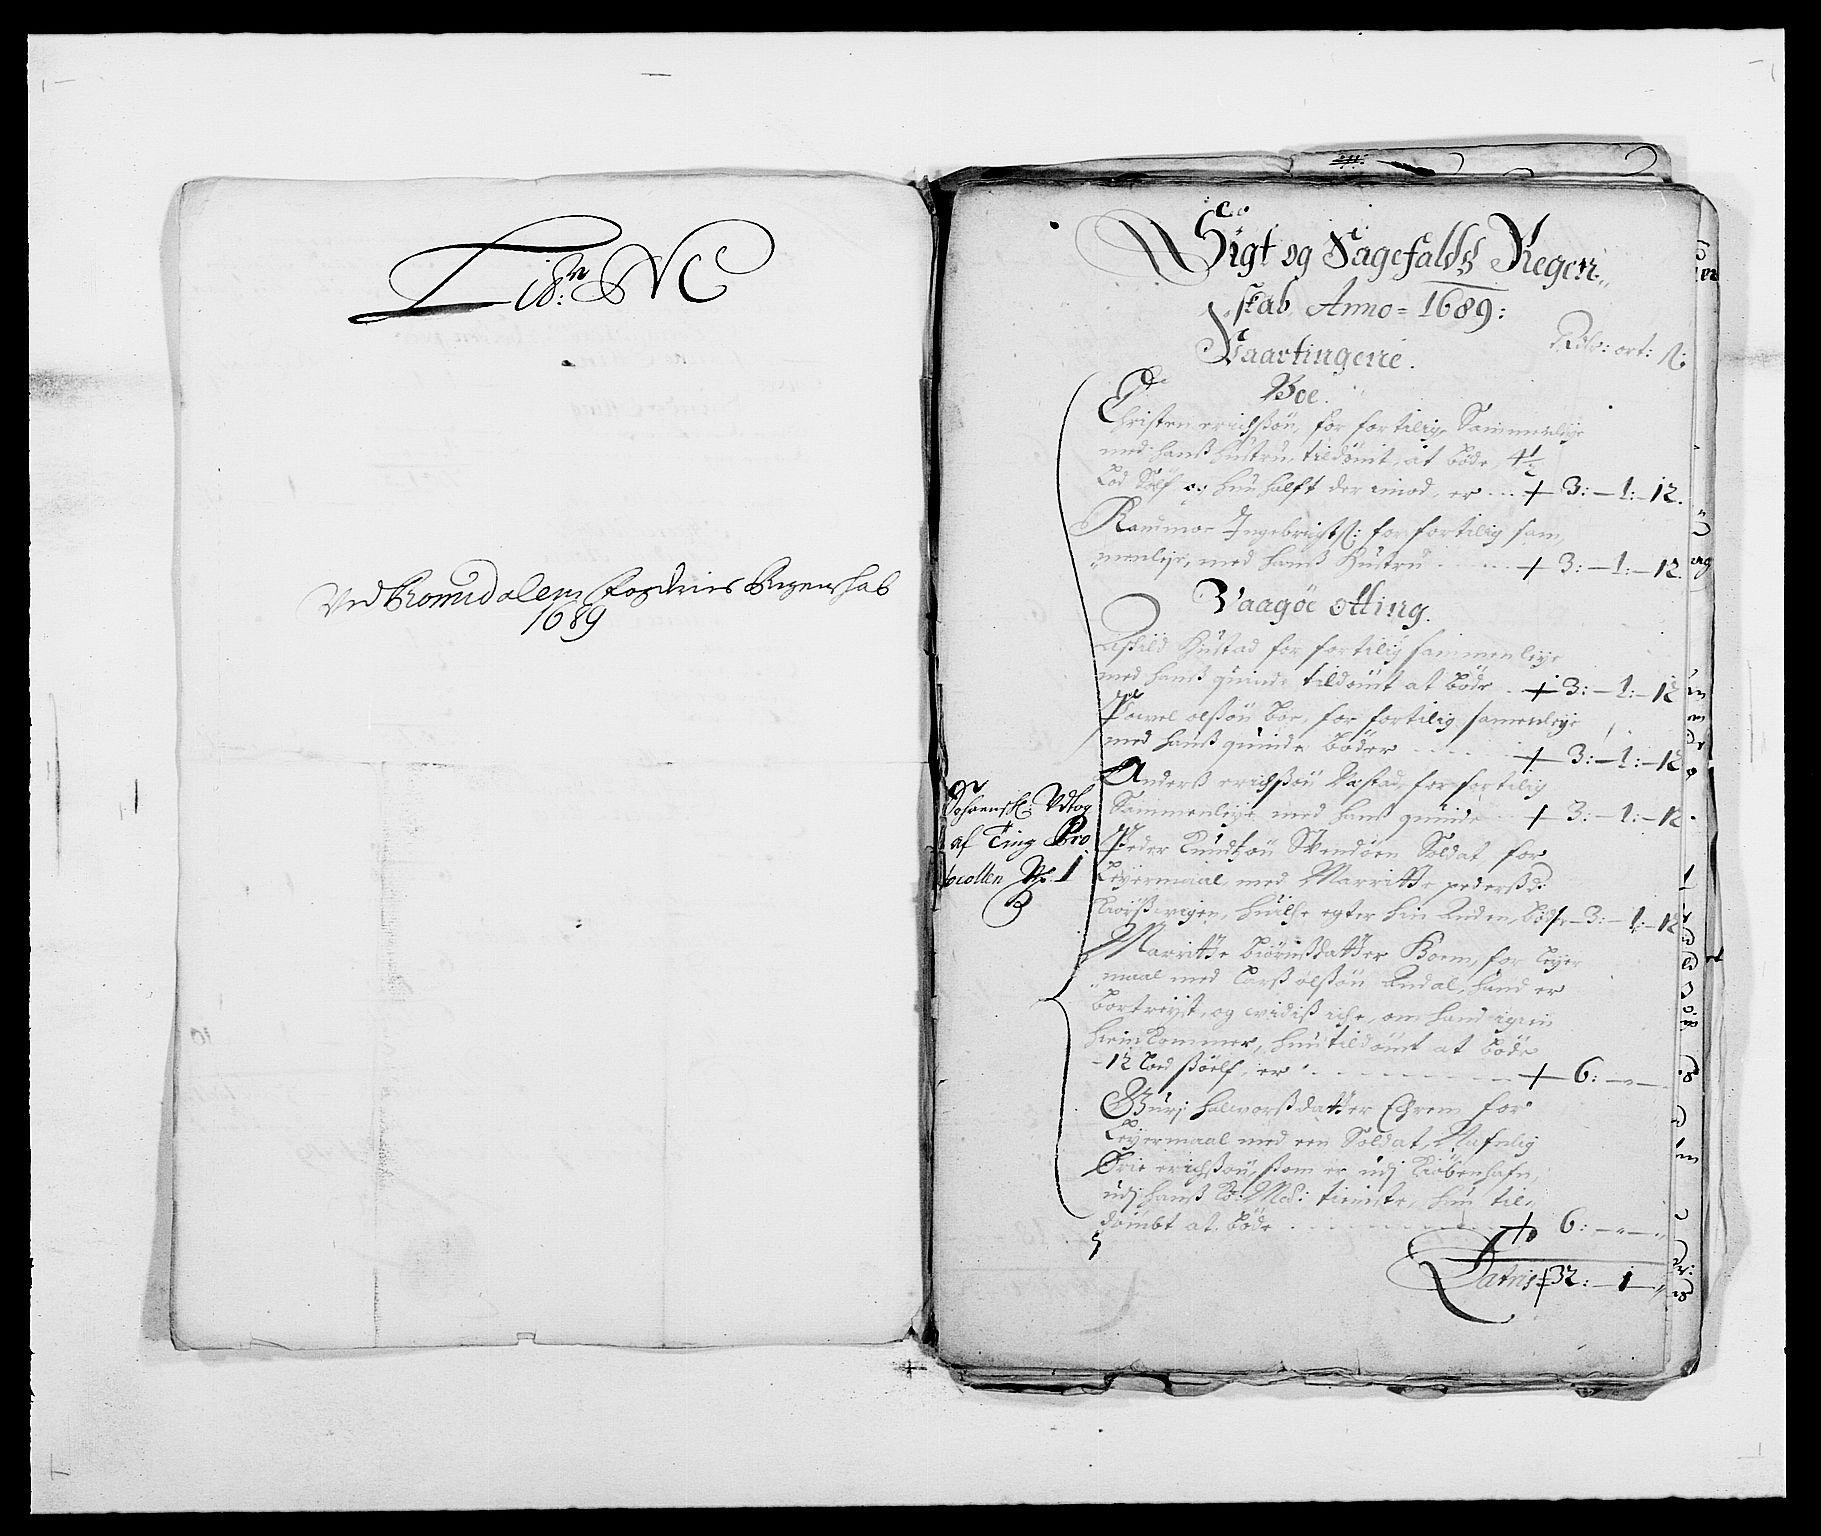 RA, Rentekammeret inntil 1814, Reviderte regnskaper, Fogderegnskap, R55/L3648: Fogderegnskap Romsdal, 1687-1689, s. 395